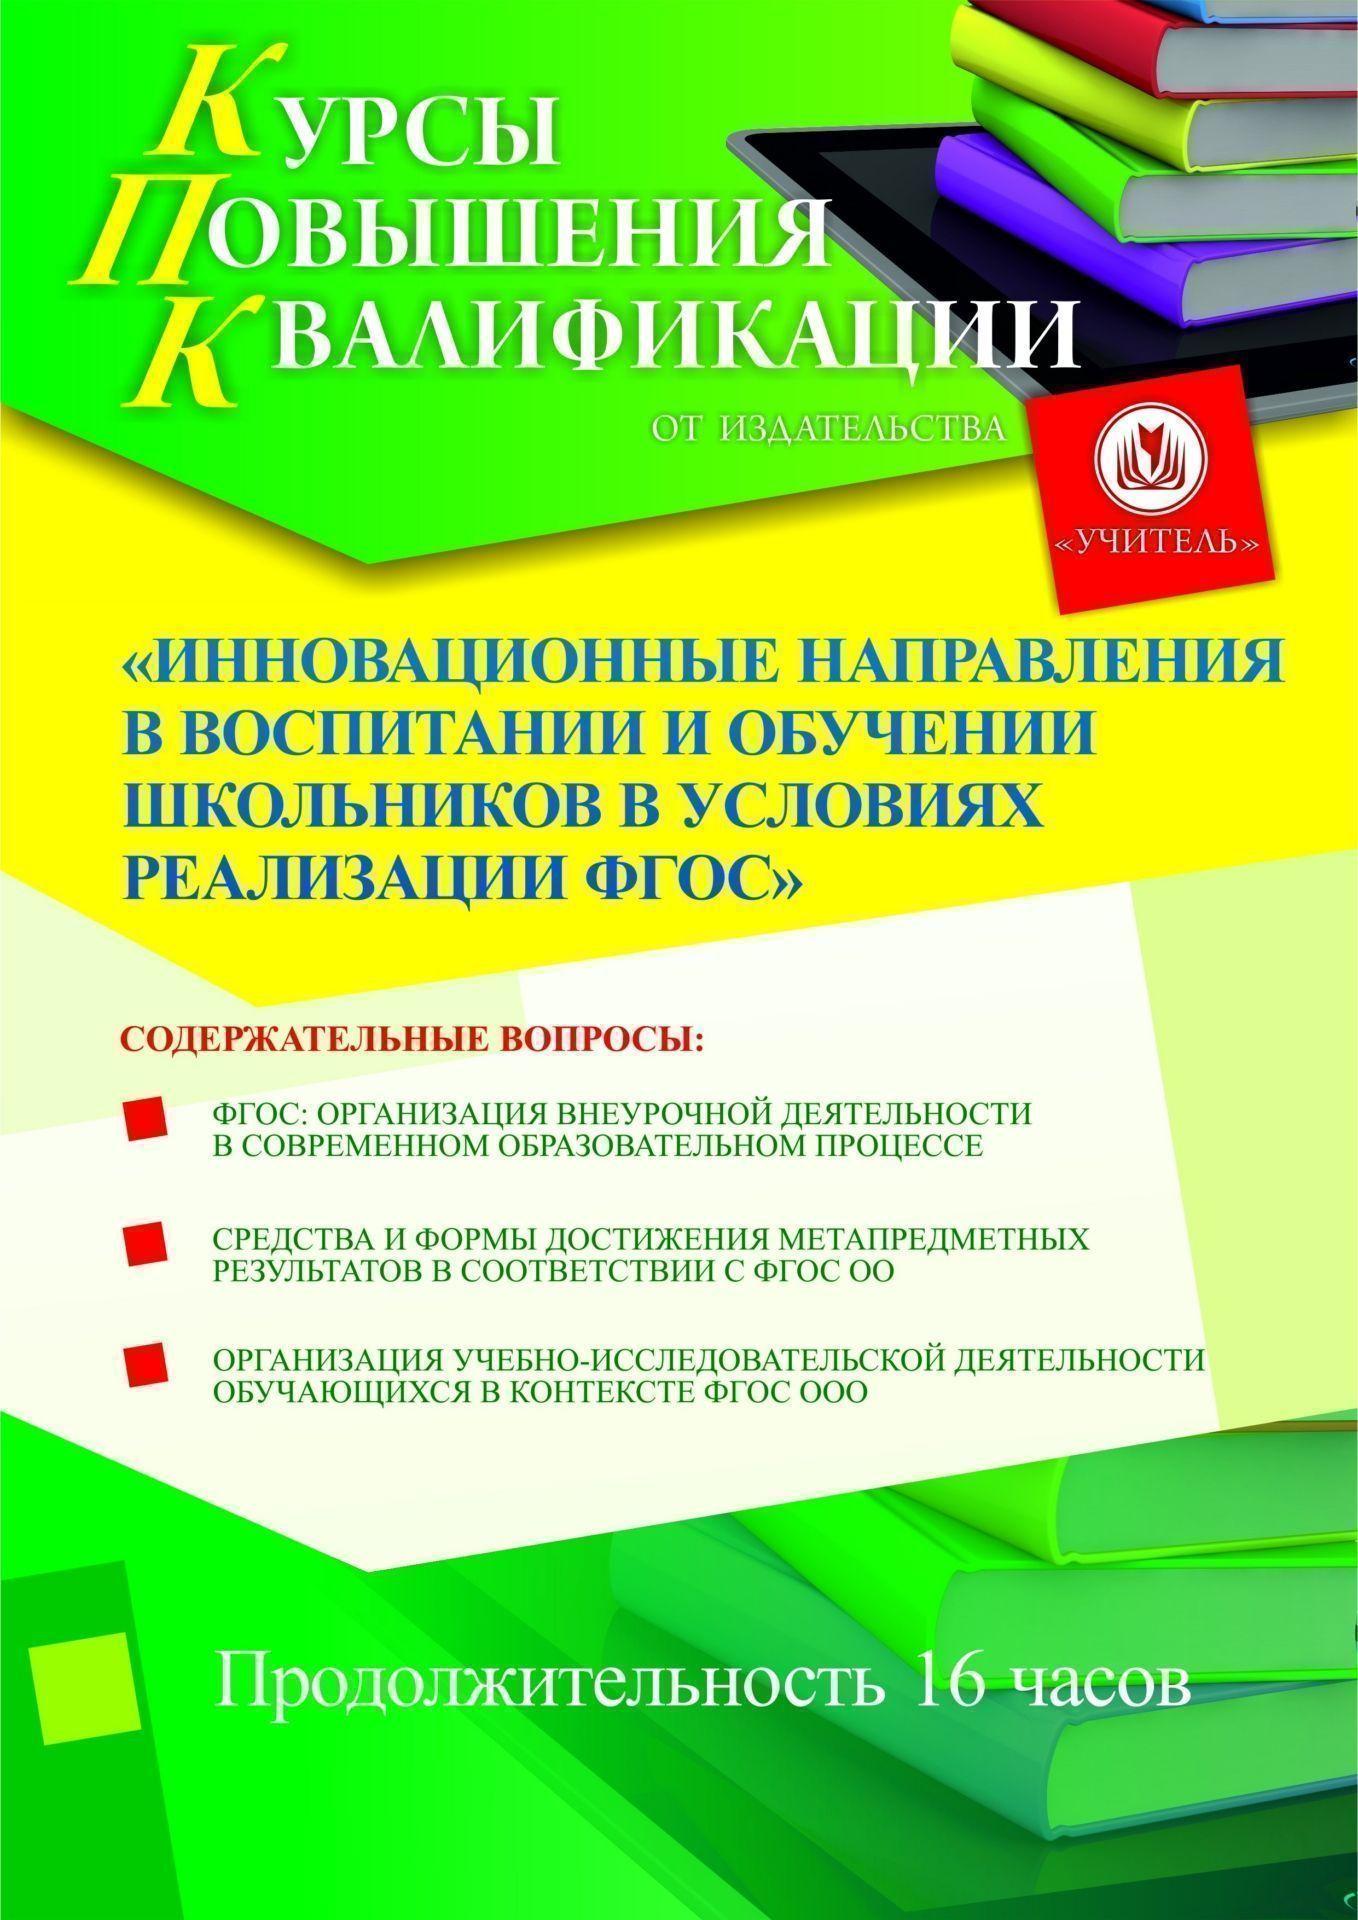 Инновационные направления в воспитании и обучении школьников в условиях реализации ФГОС (16 ч.) фото